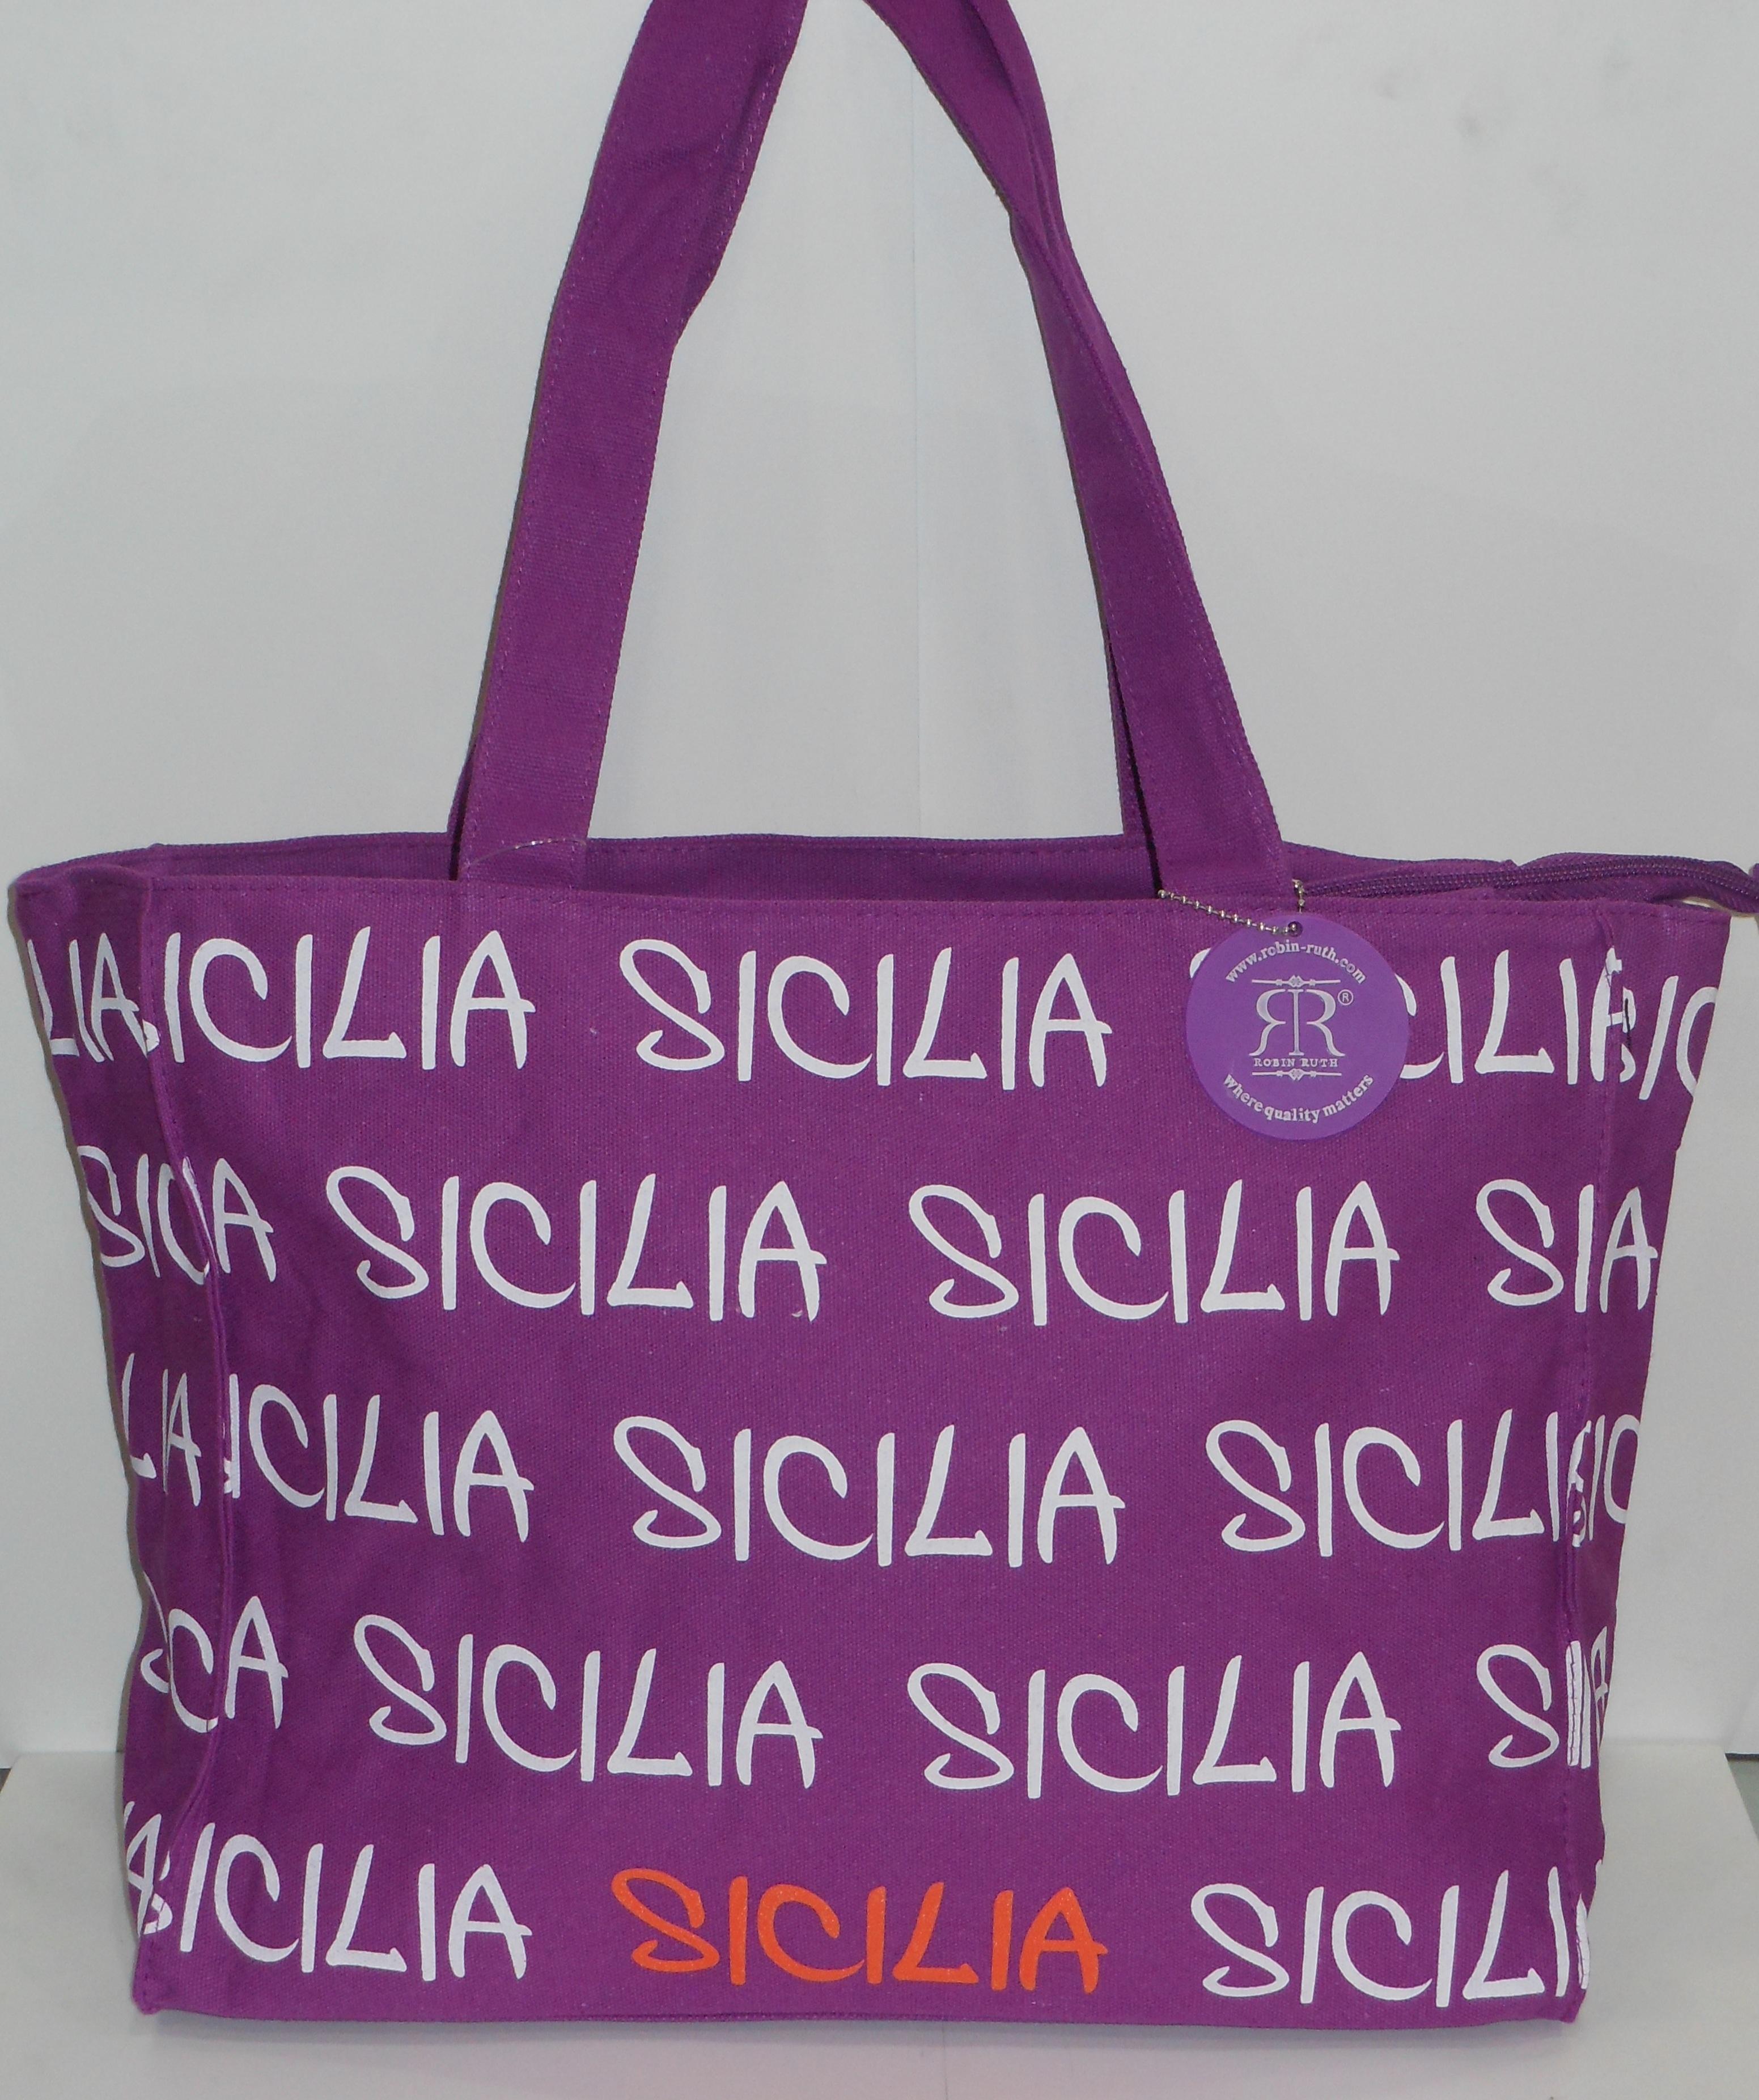 BORSA SICILIA - SICILIA GRANDE